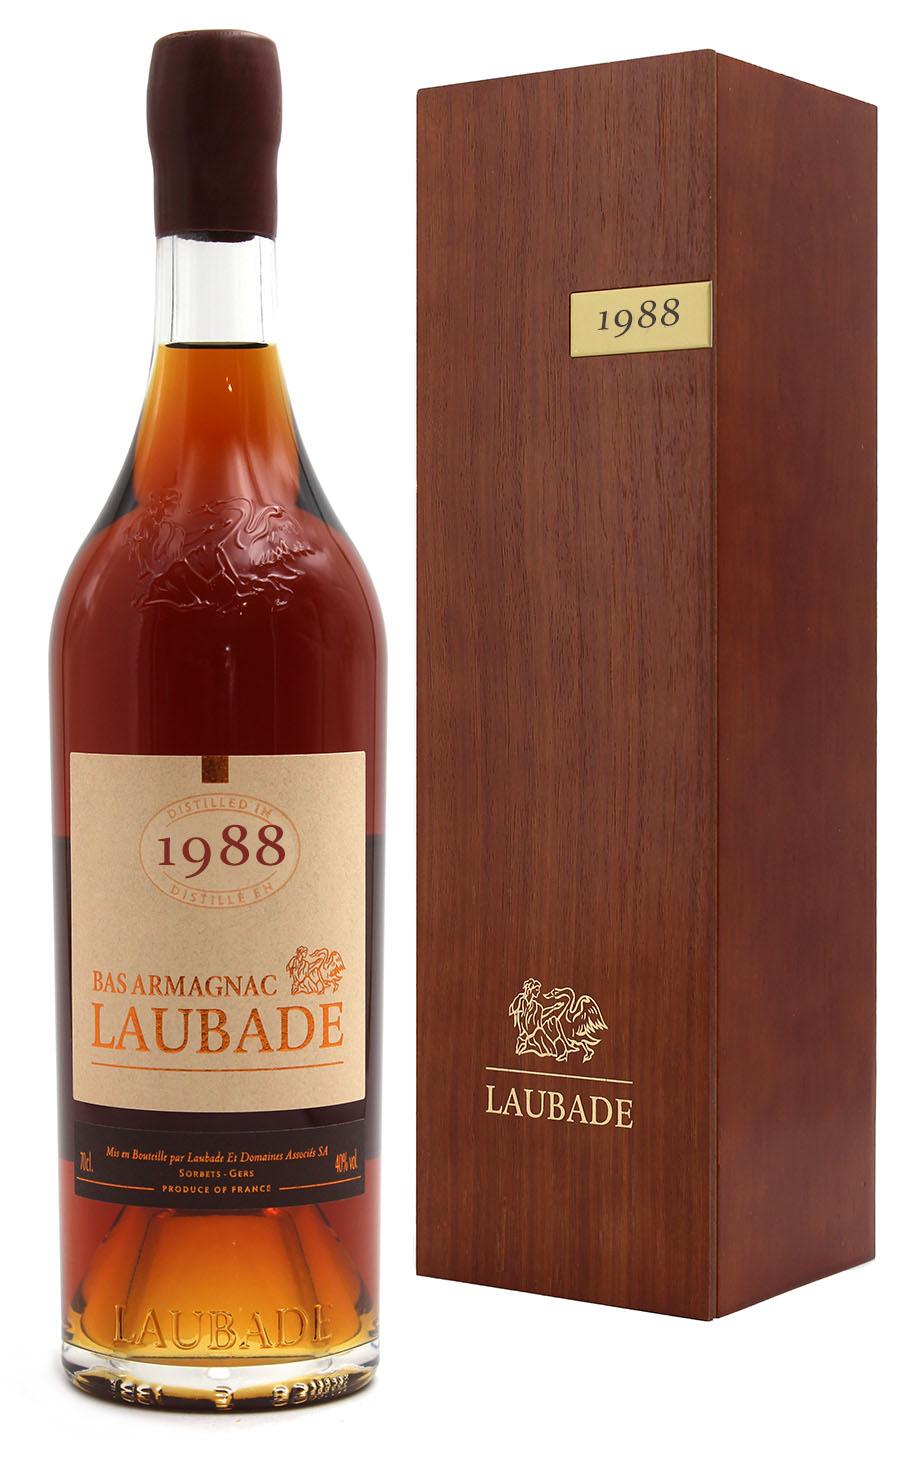 Bas Armagnac Laubade 1988  - 70cl